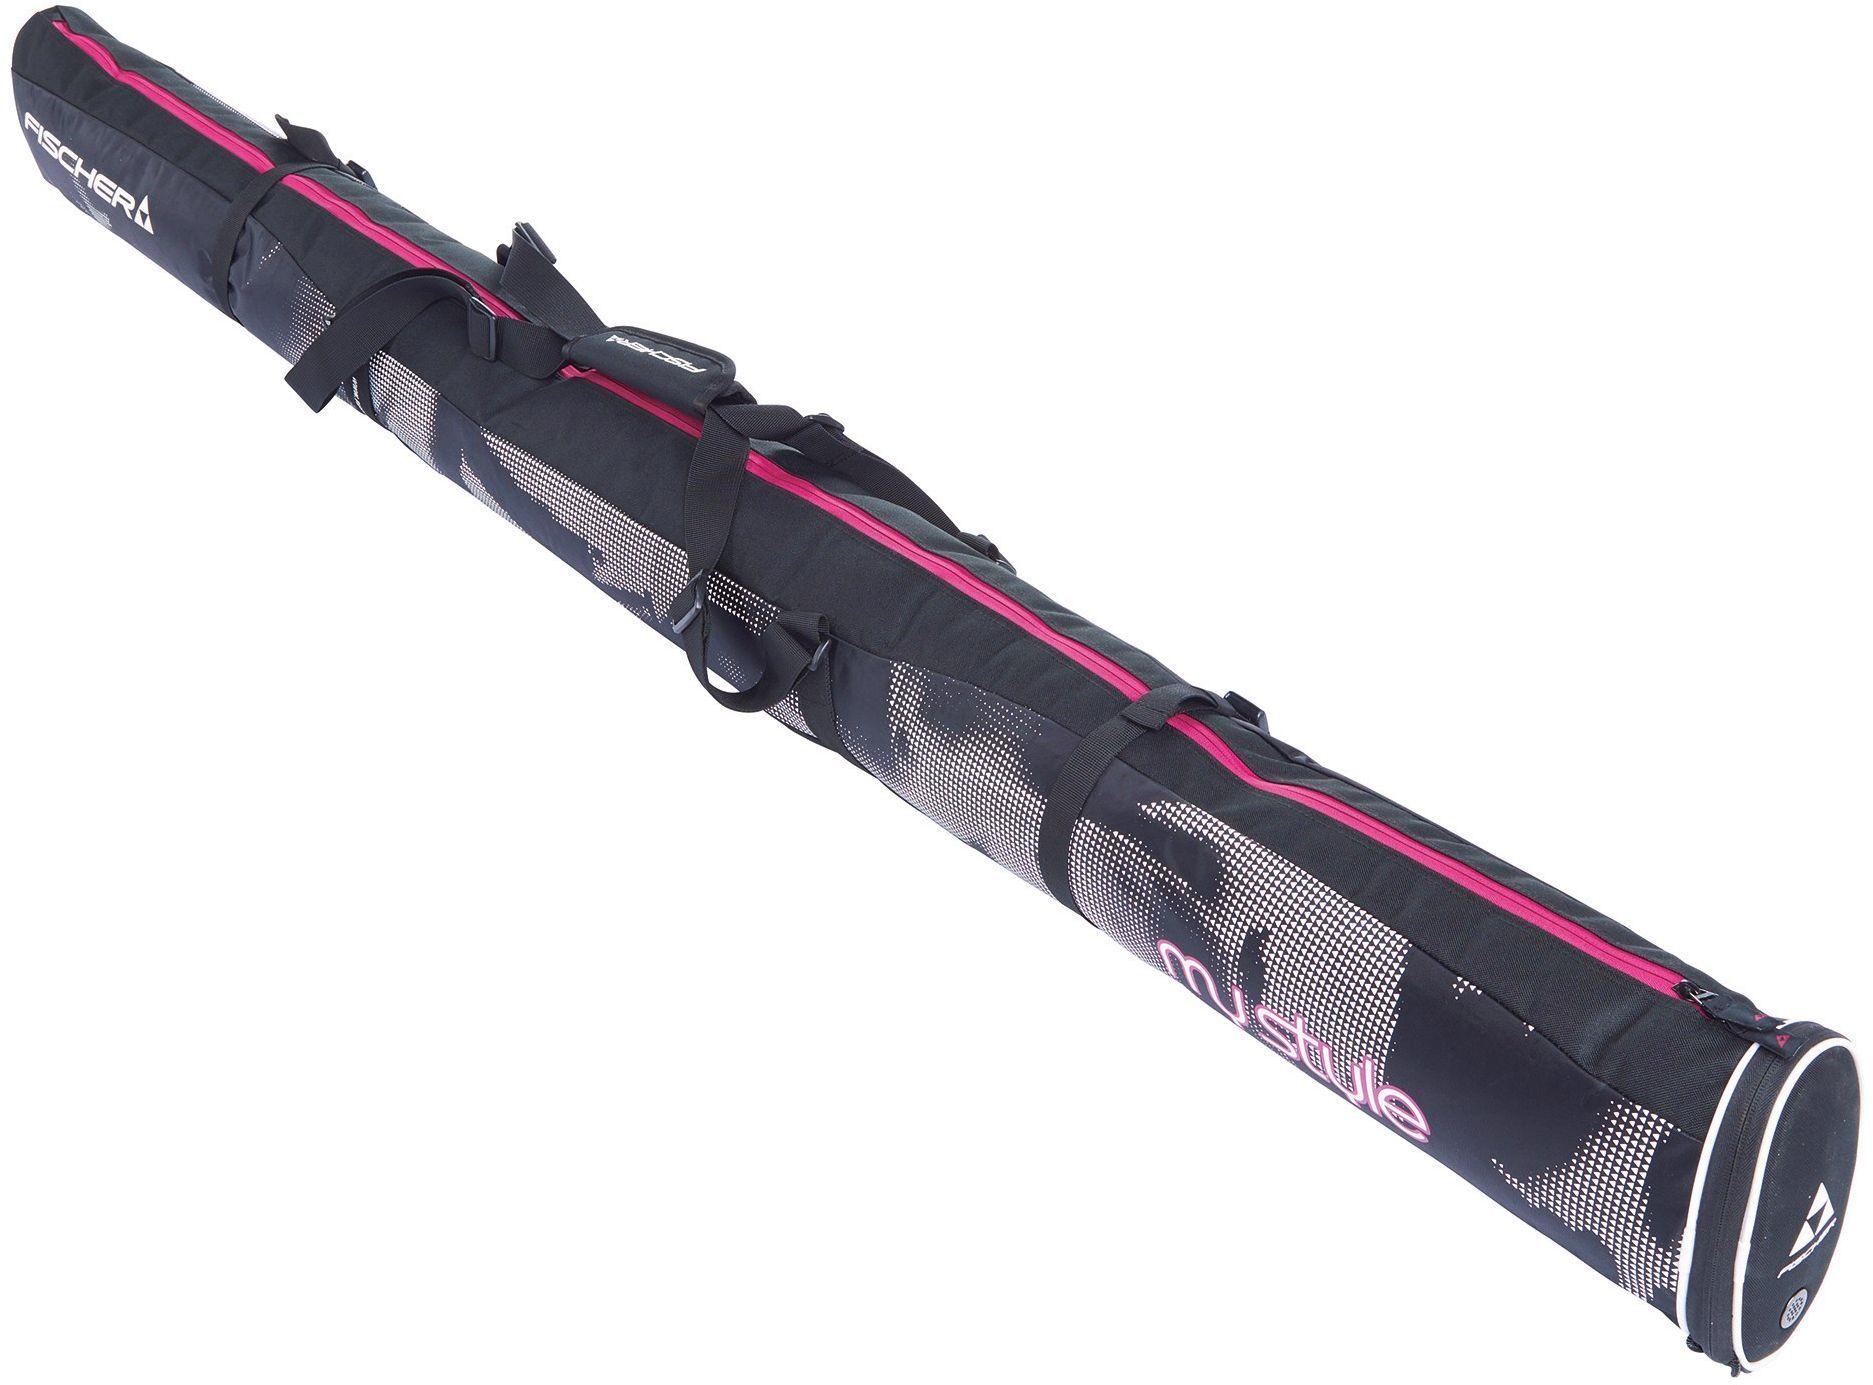 Fischer Skicase 1 Pair XC My Style - 185-200 cm 185-200 cm